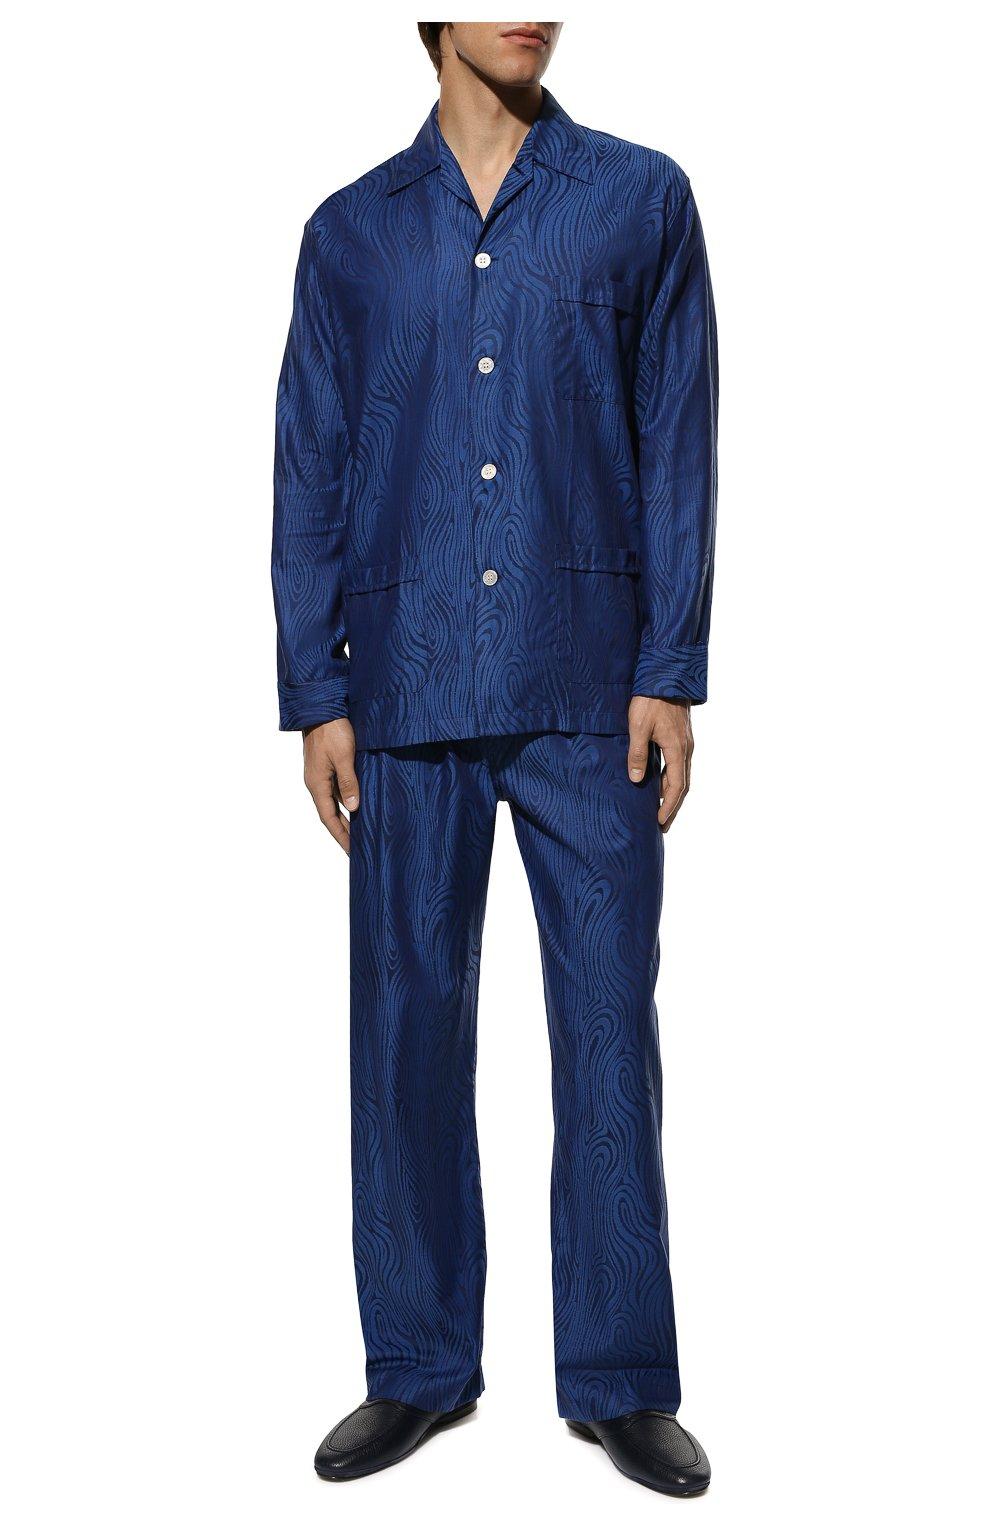 Мужская хлопковая пижама DEREK ROSE темно-синего цвета, арт. 5000-PARI020   Фото 2 (Рукава: Длинные; Длина (брюки, джинсы): Стандартные; Кросс-КТ: домашняя одежда; Длина (для топов): Стандартные; Материал внешний: Хлопок)